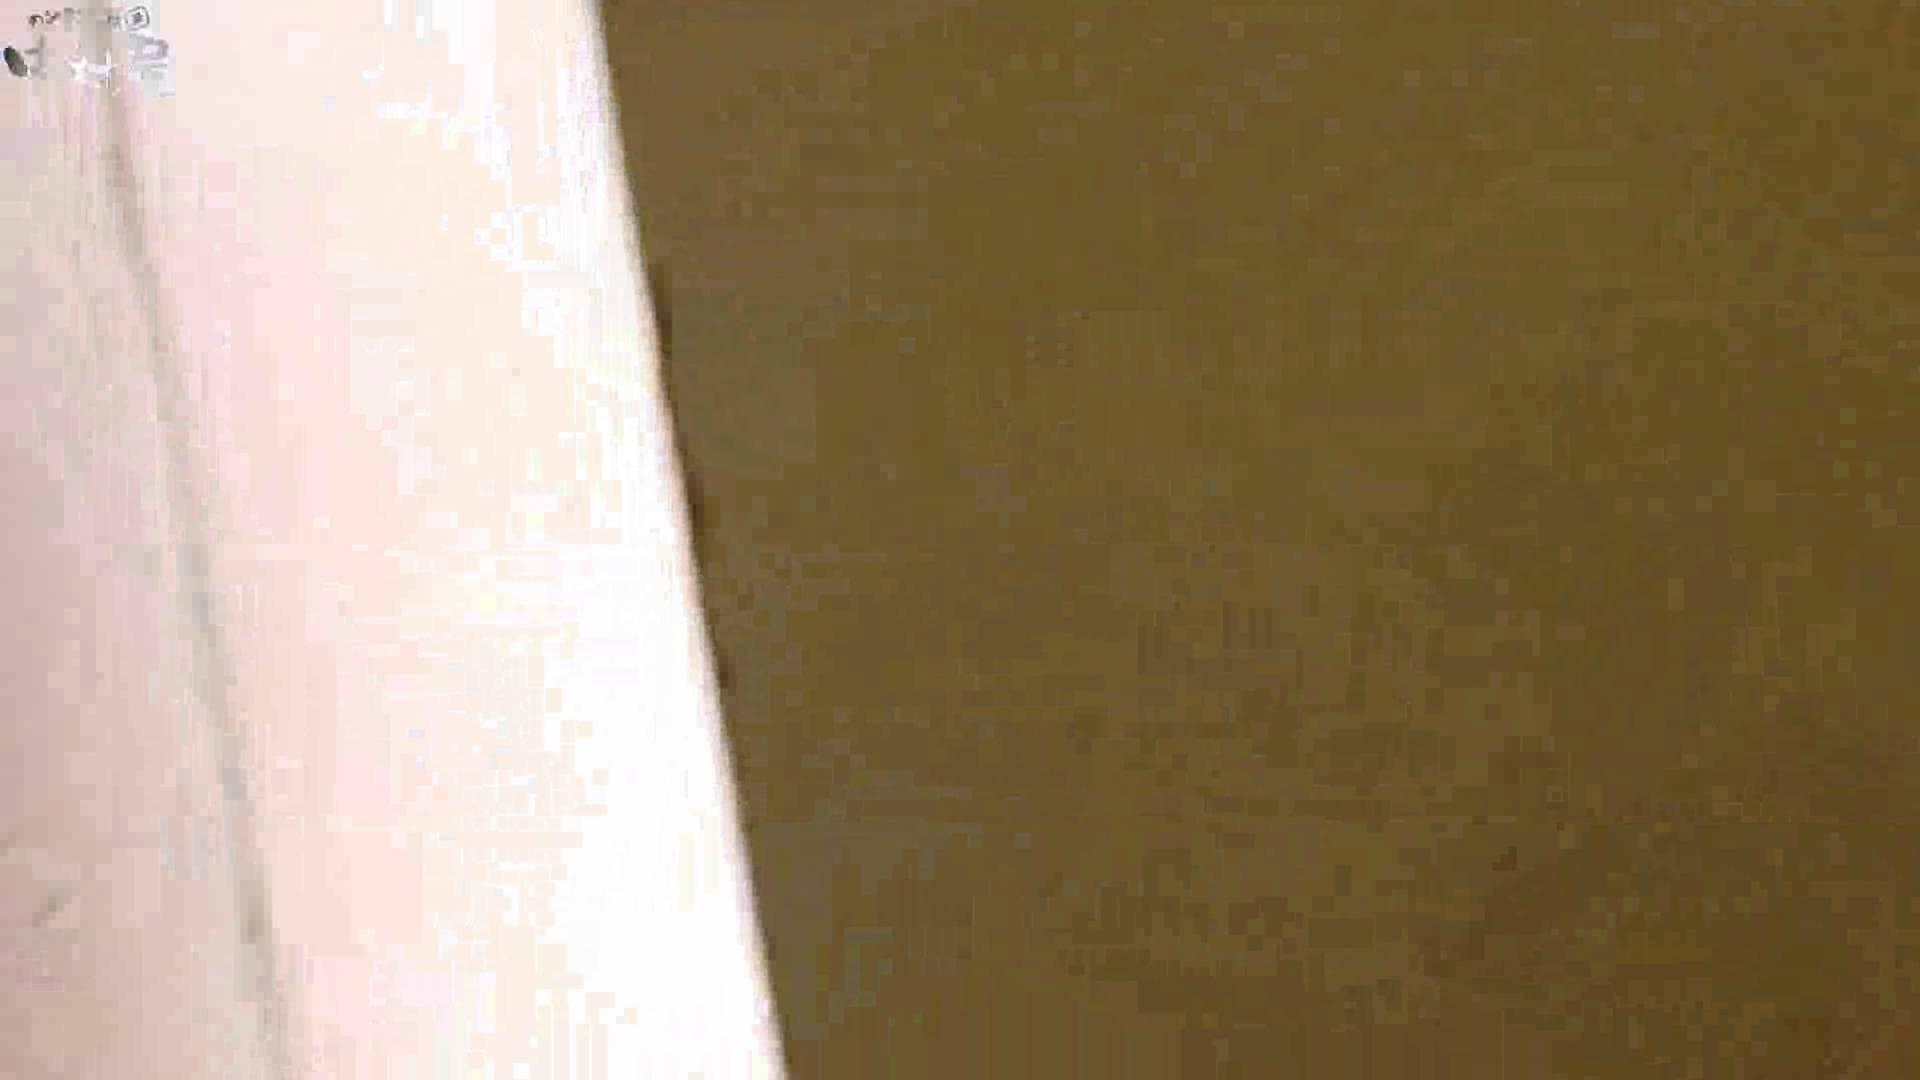 部活女子トイレ潜入編vol.3 OLセックス 盗撮オマンコ無修正動画無料 75画像 32